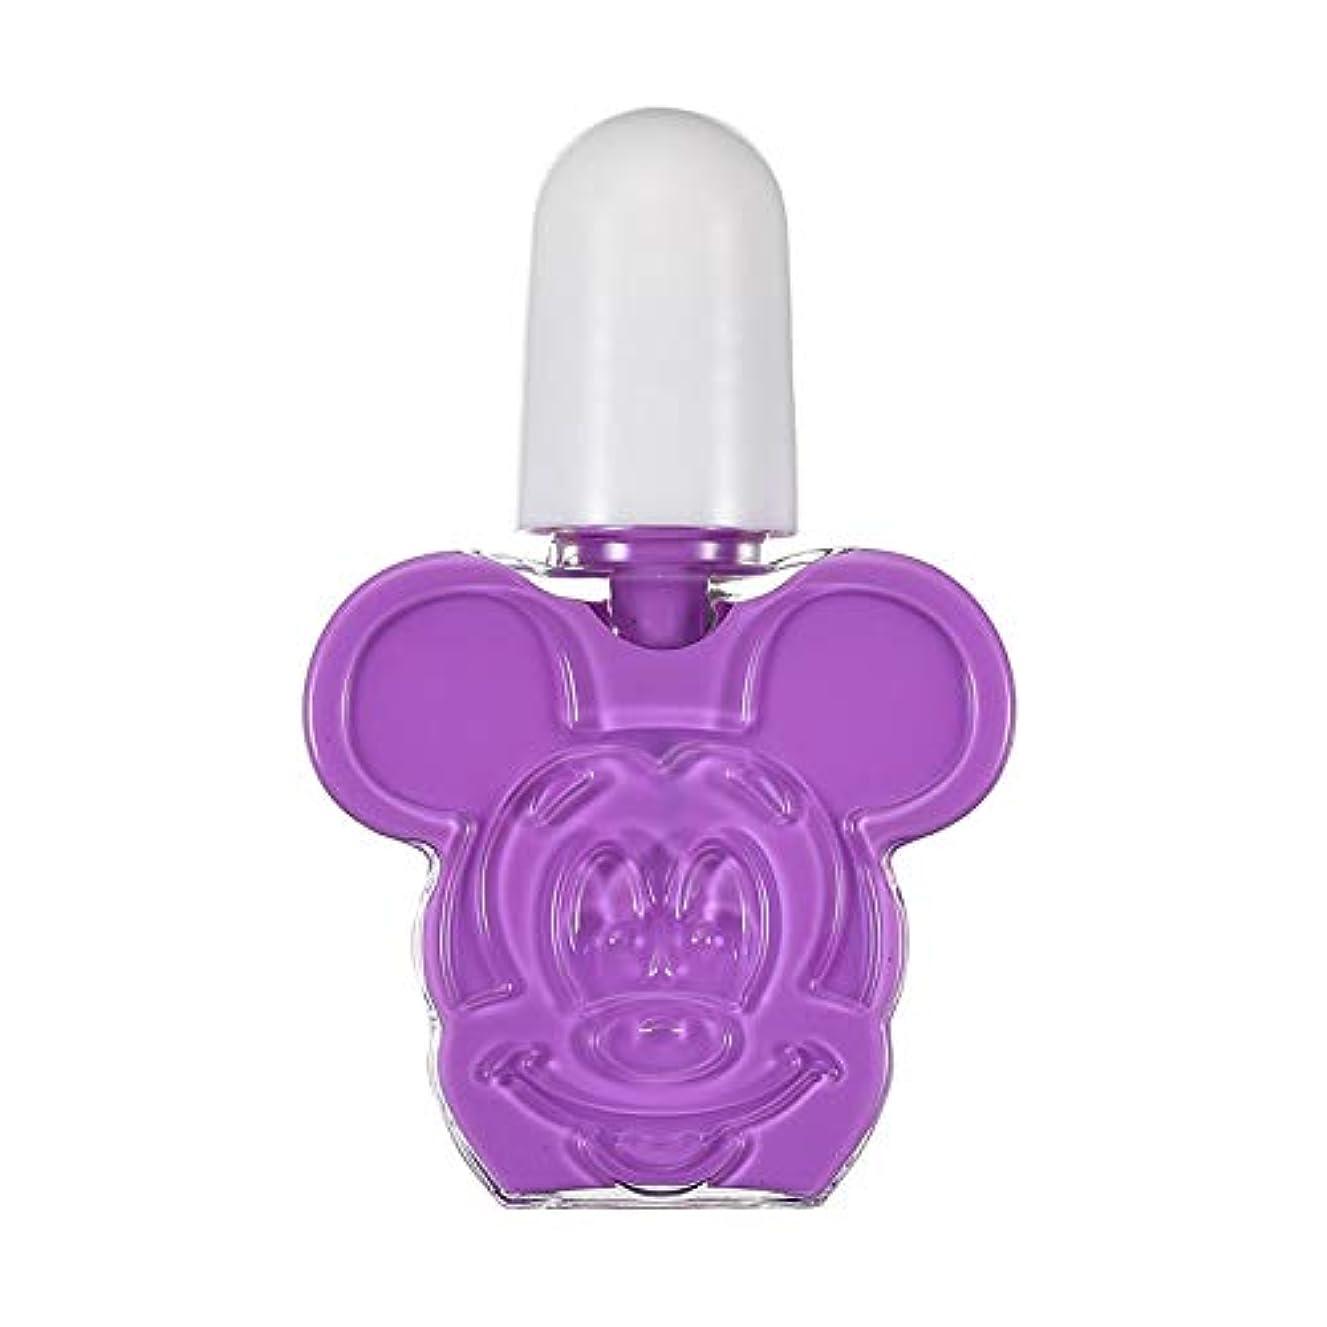 強度プラットフォーム机ディズニーストア(公式)ネイルカラー ピールオフ ミッキー パープル Gummy Candy Cosme